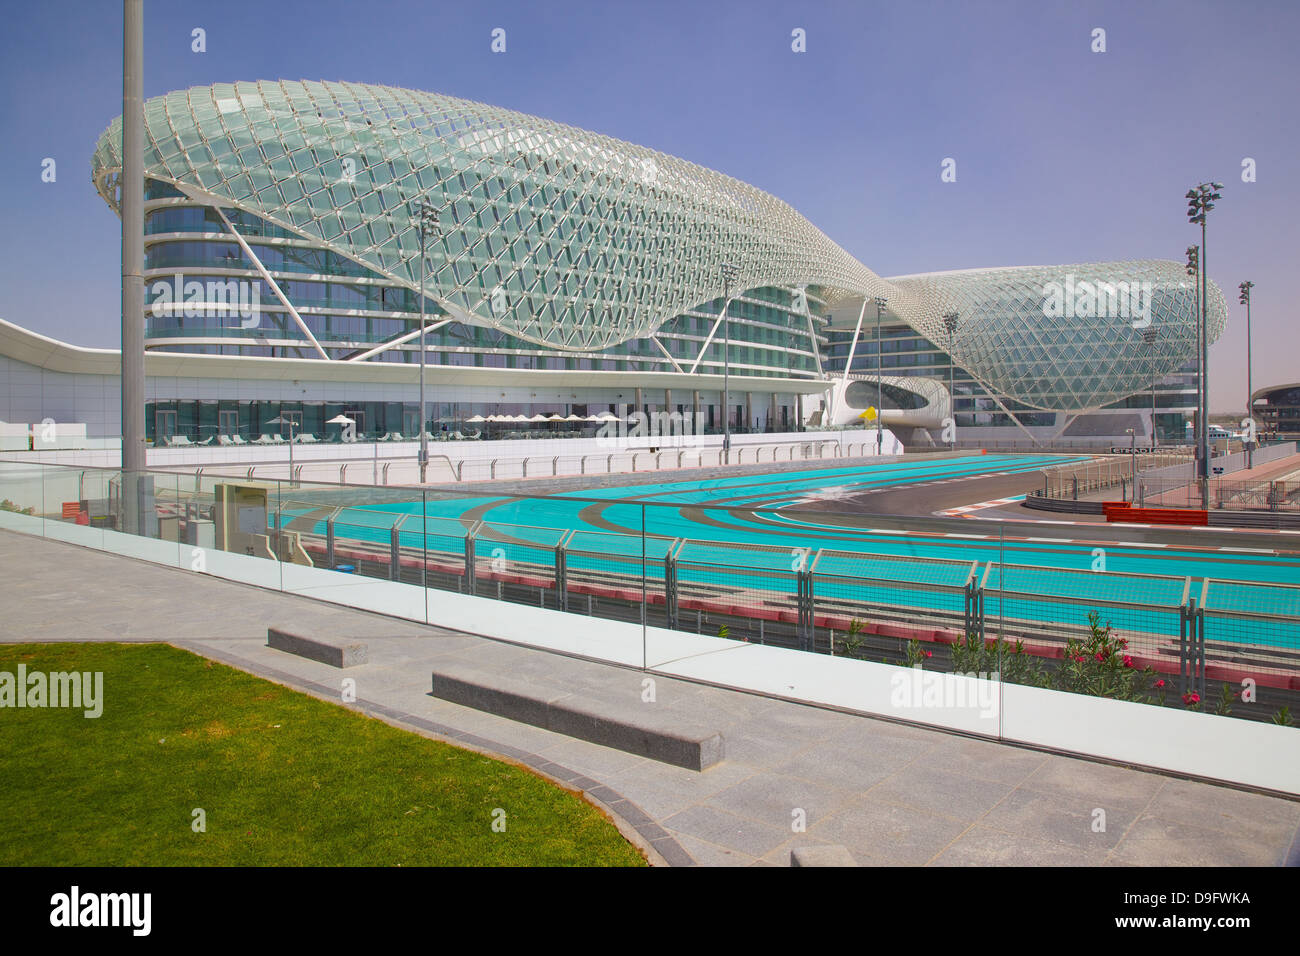 Viceroy Hotel und Formel 1 Rennstrecke Yas Island, Abu Dhabi, Vereinigte Arabische Emirate, Naher Osten Stockbild